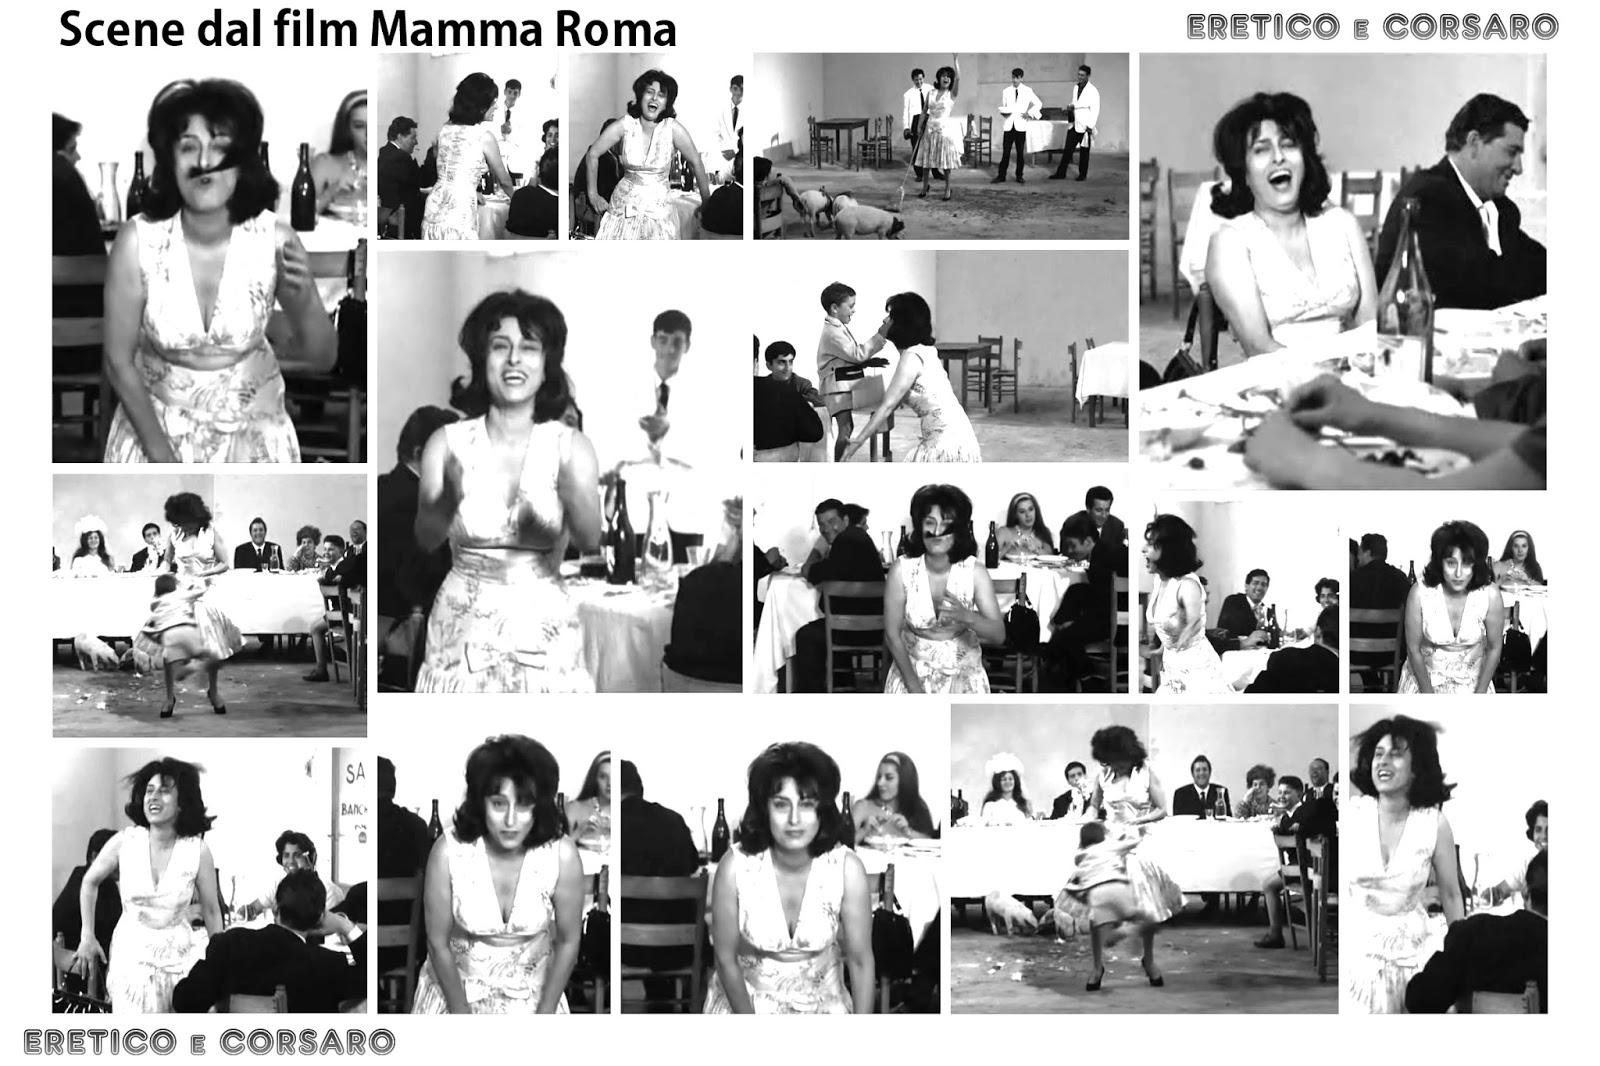 film erotico mamma prostitute roma di giorno